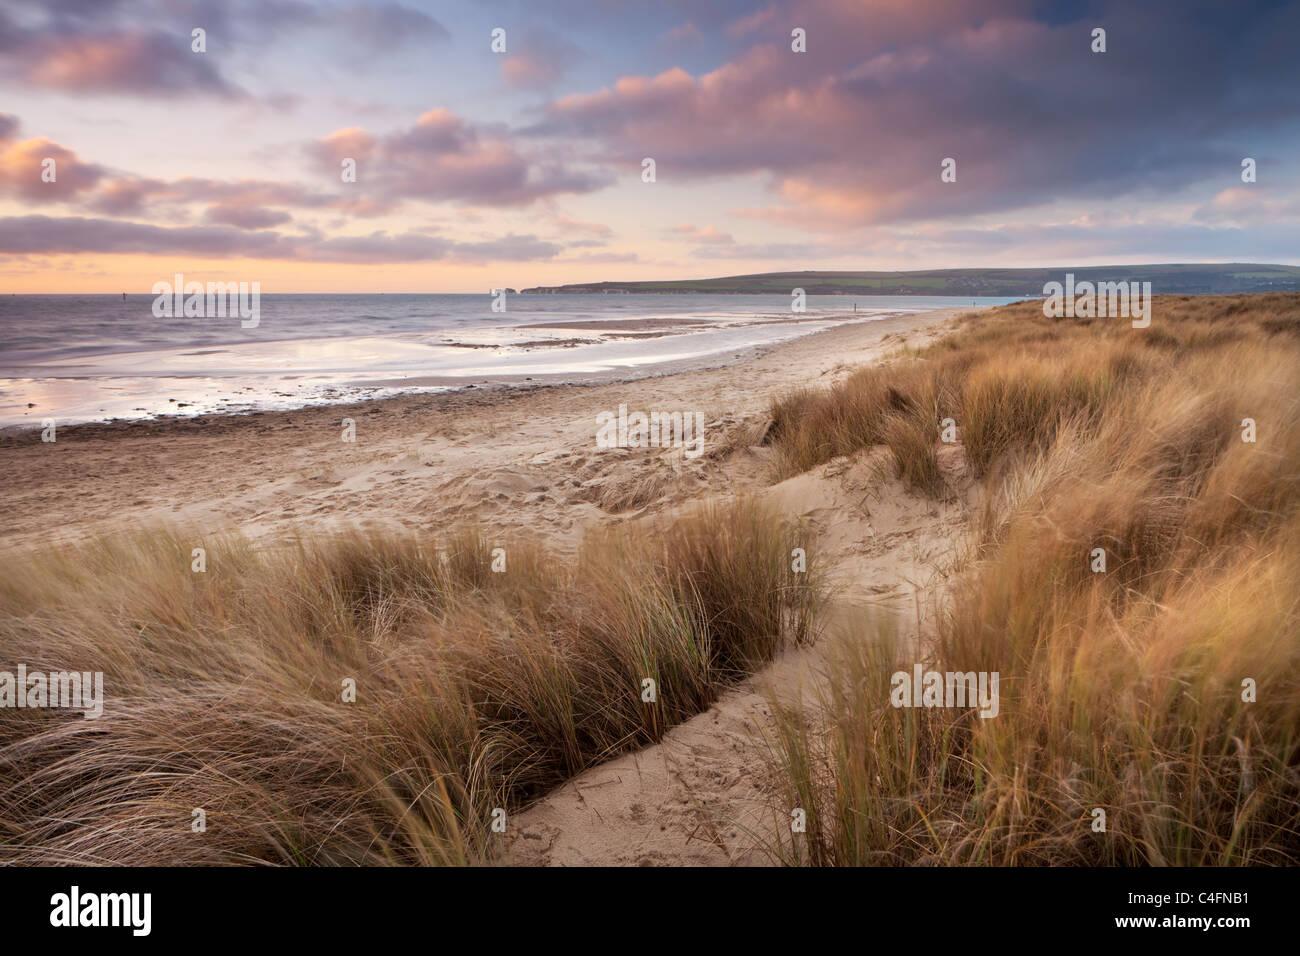 Dunes de sable balayées par le vent sur la plage de Studland Bay, Dorset, Angleterre. L'hiver (février) 2011. Banque D'Images